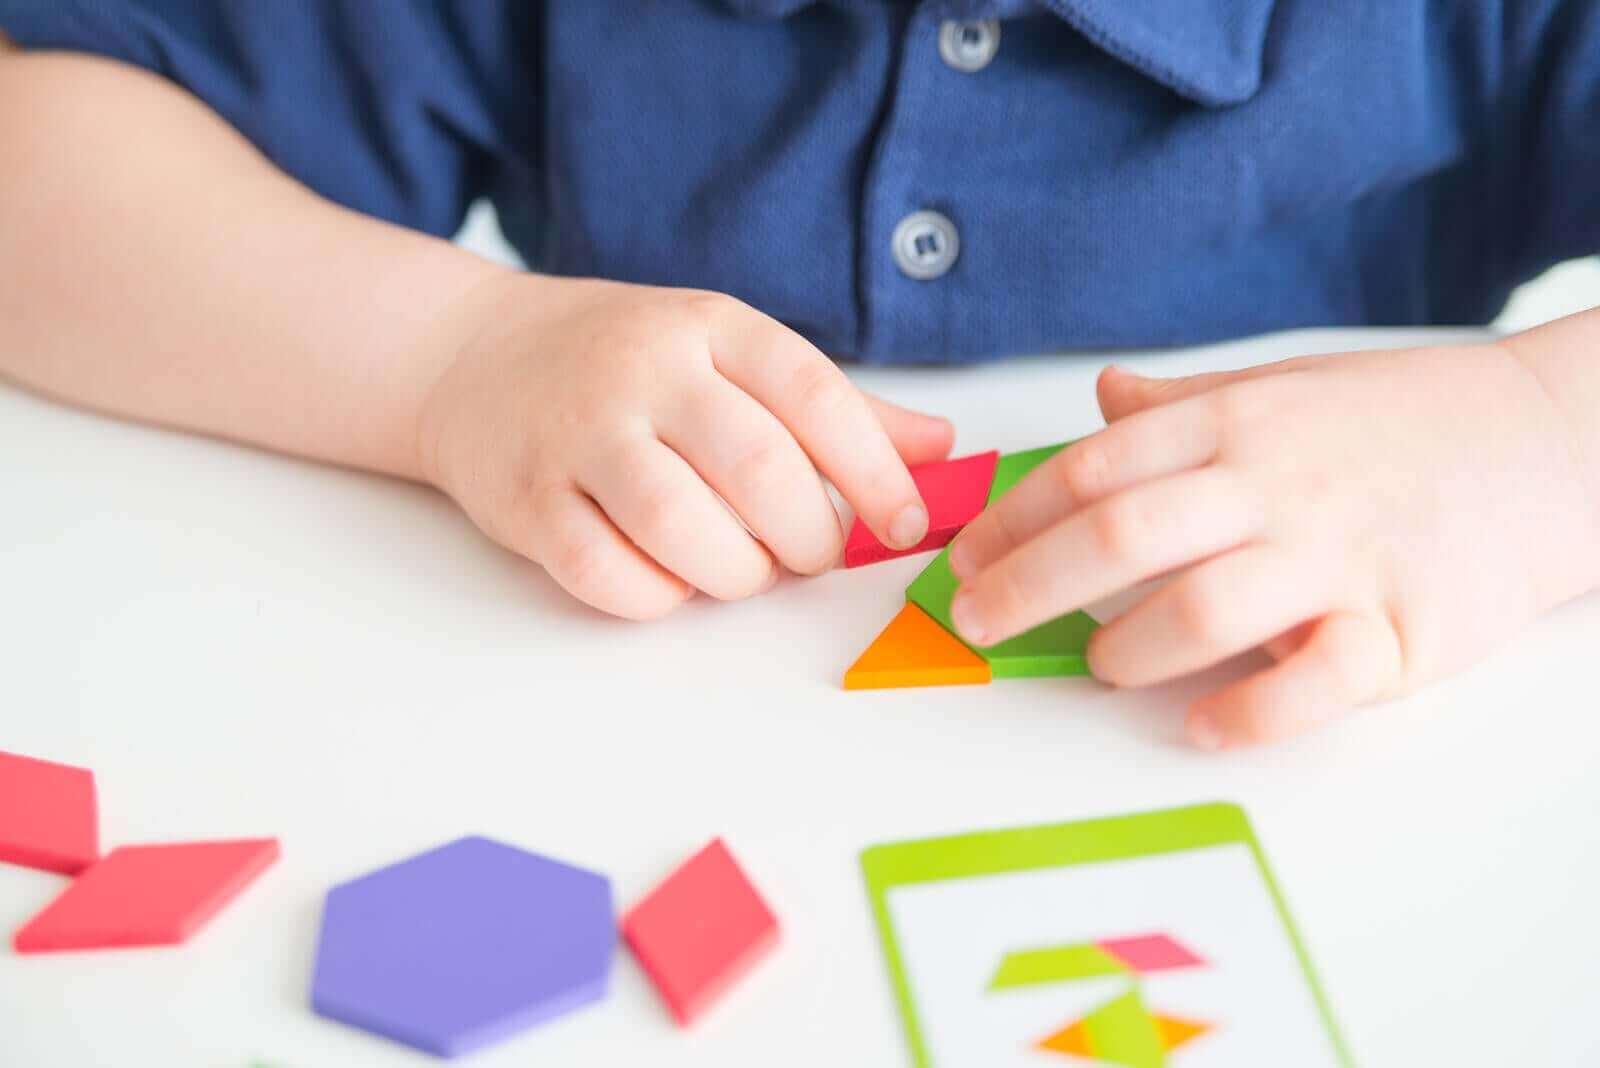 Tangrammin hyödyt lapselle - se auttaa edistämään lapsen mielikuvitusta ja luovuutta.